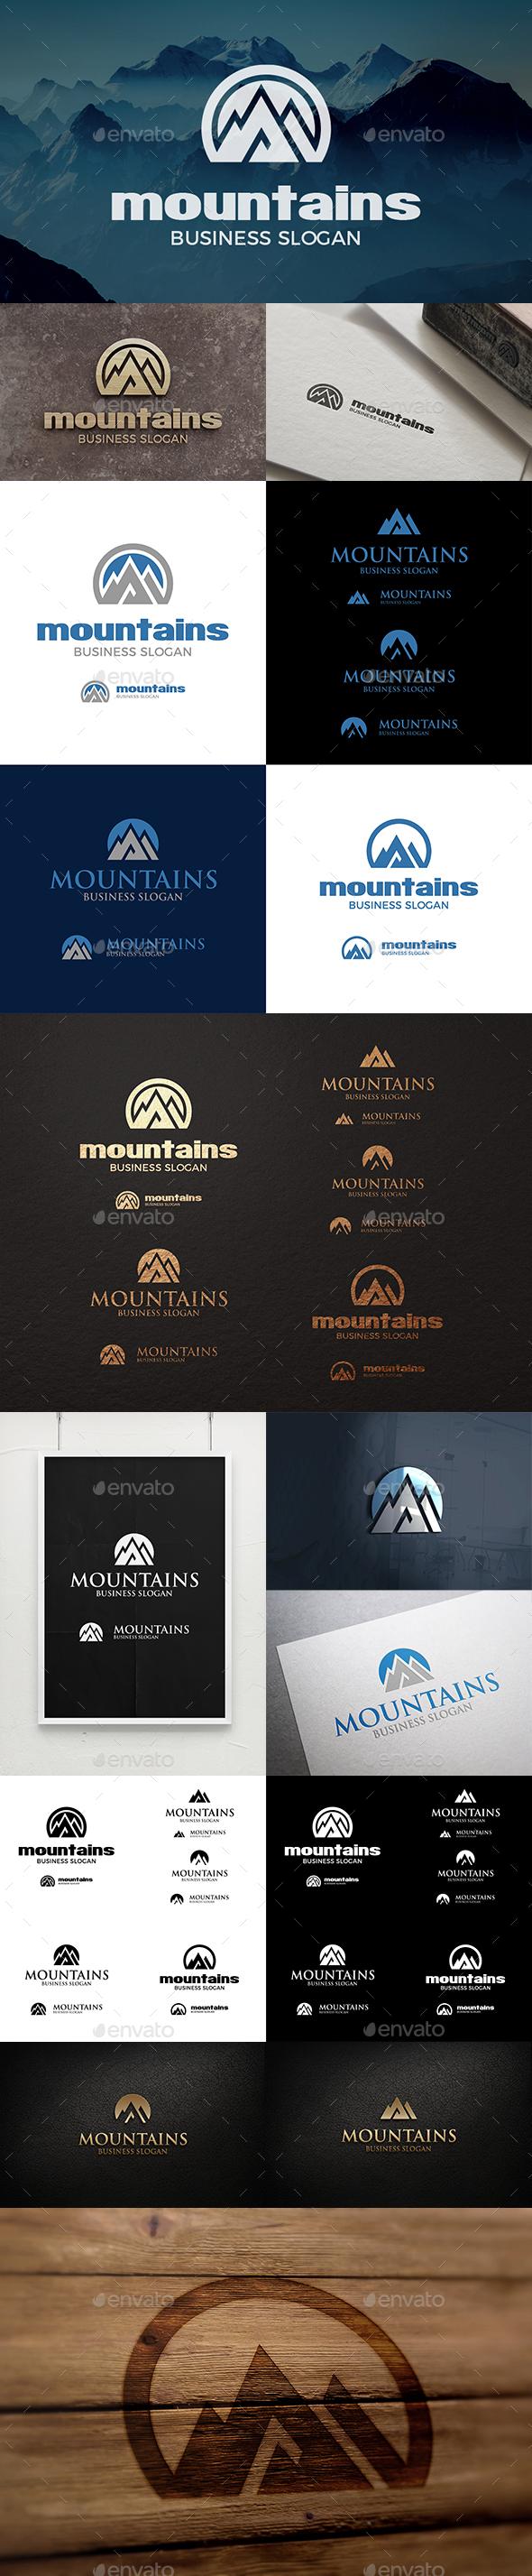 Mountain Logo - Mountains Peak Logo Templates